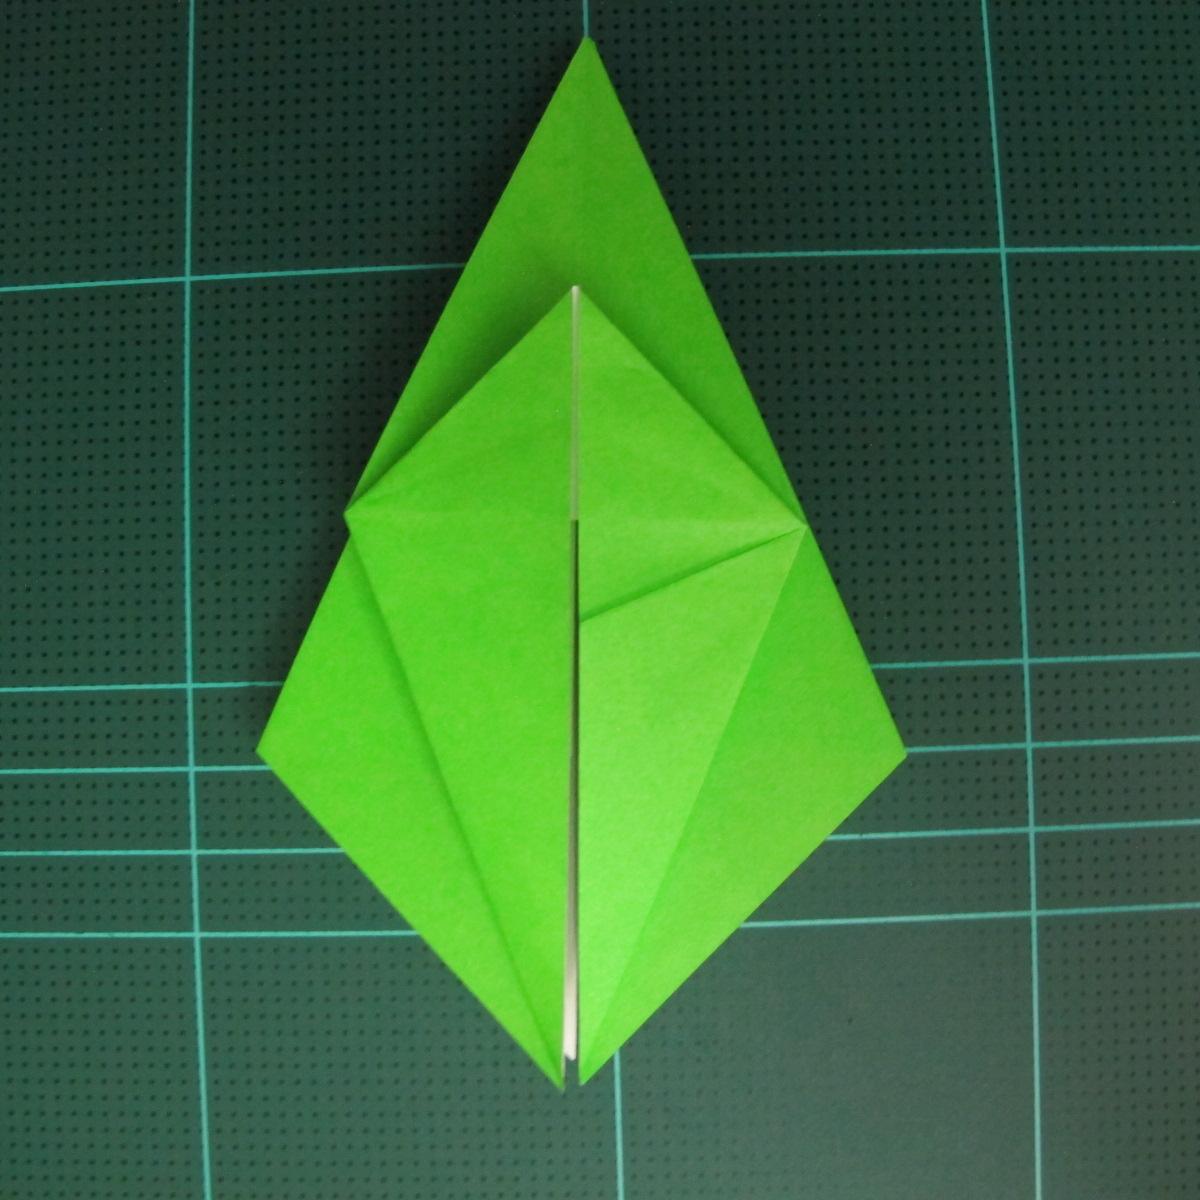 วิธีพับกระดาษเป็นจรวด X-WING สตาร์วอร์ (Origami X-WING) 017